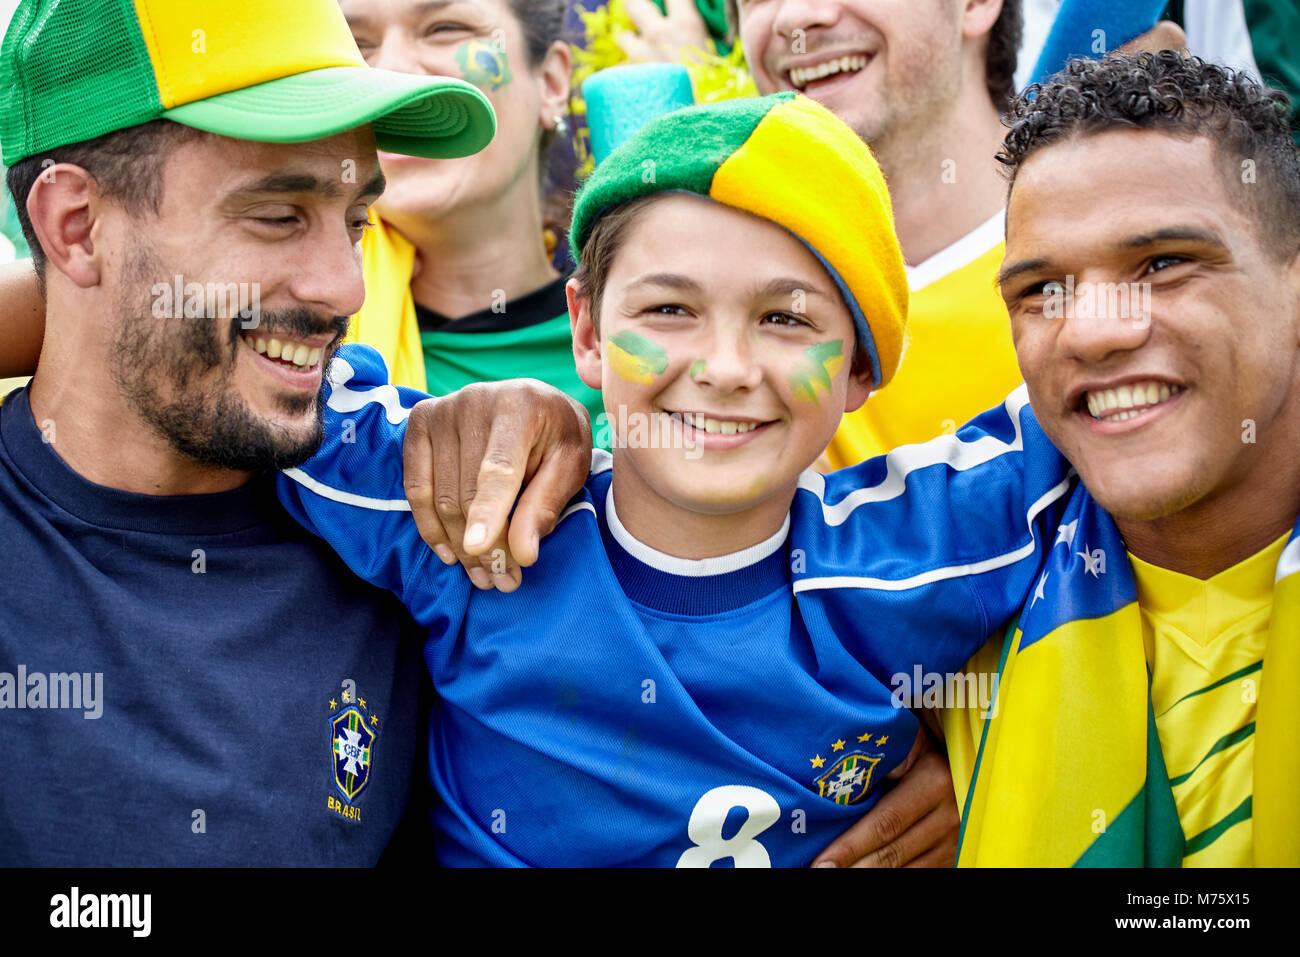 Brasilianischen Fußball-Fans die Verklebung im Match, Porträt Stockbild